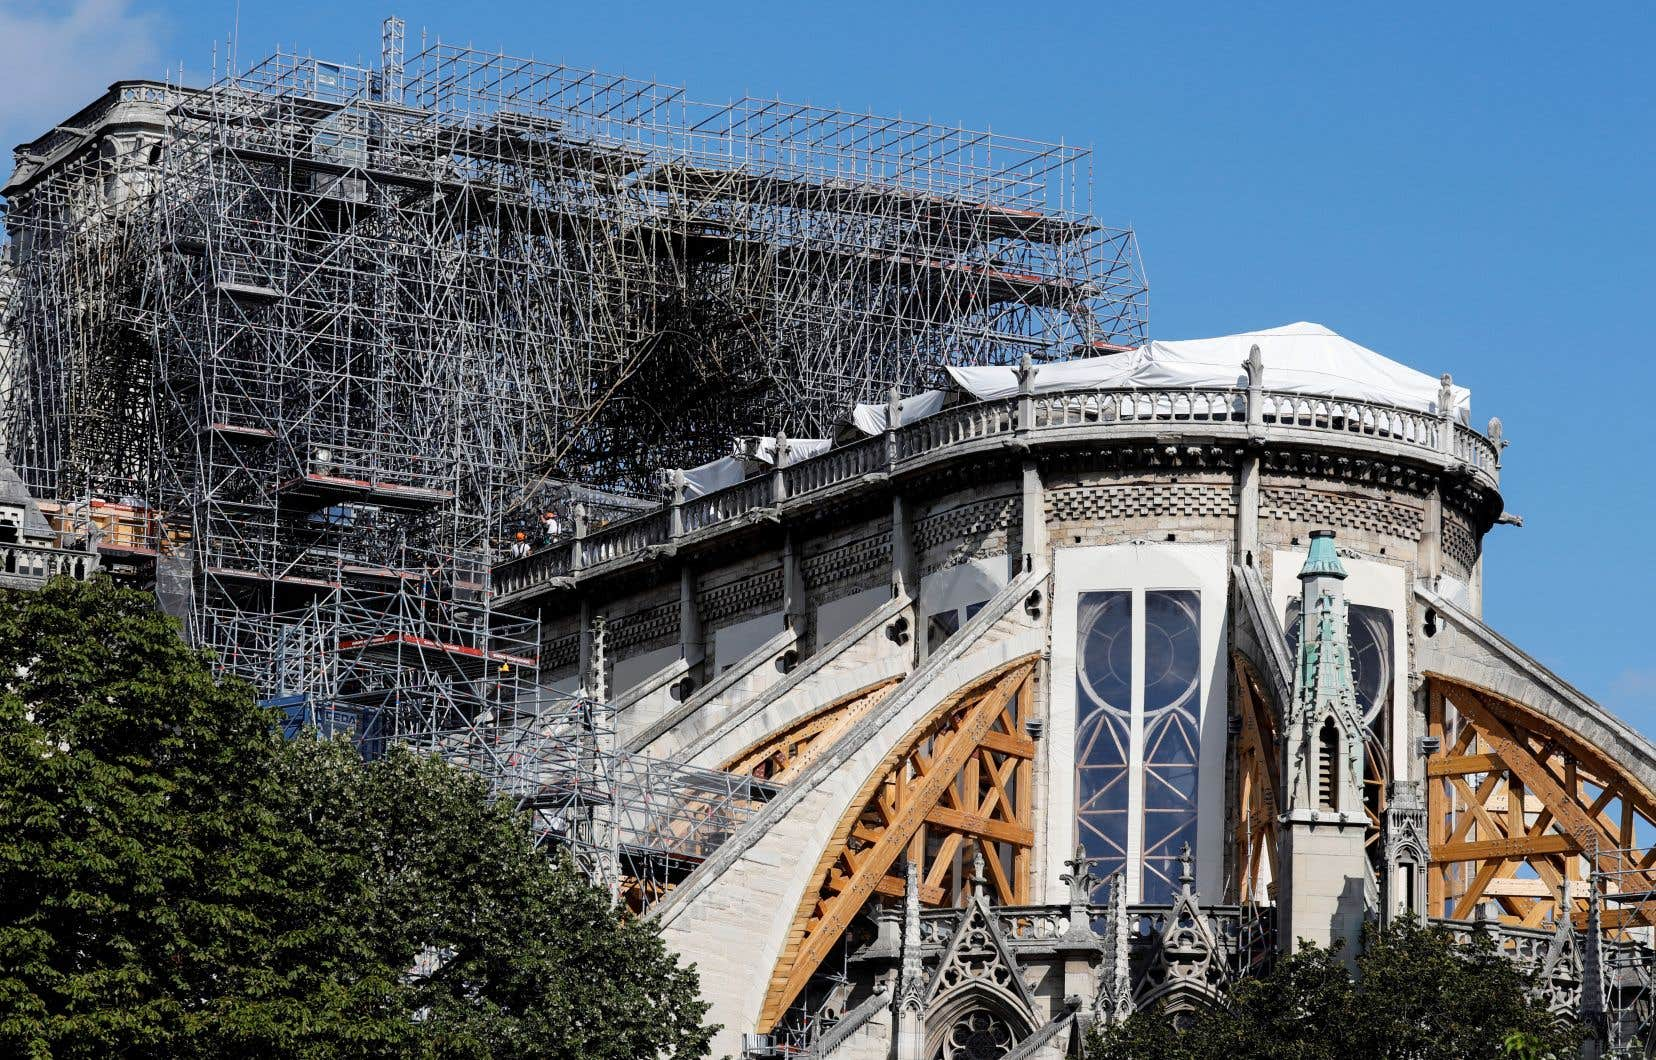 Le président français, Emmanuel Macron, souhaite que la reconstruction se fasse en cinq ans, un délai jugé serré par certains.